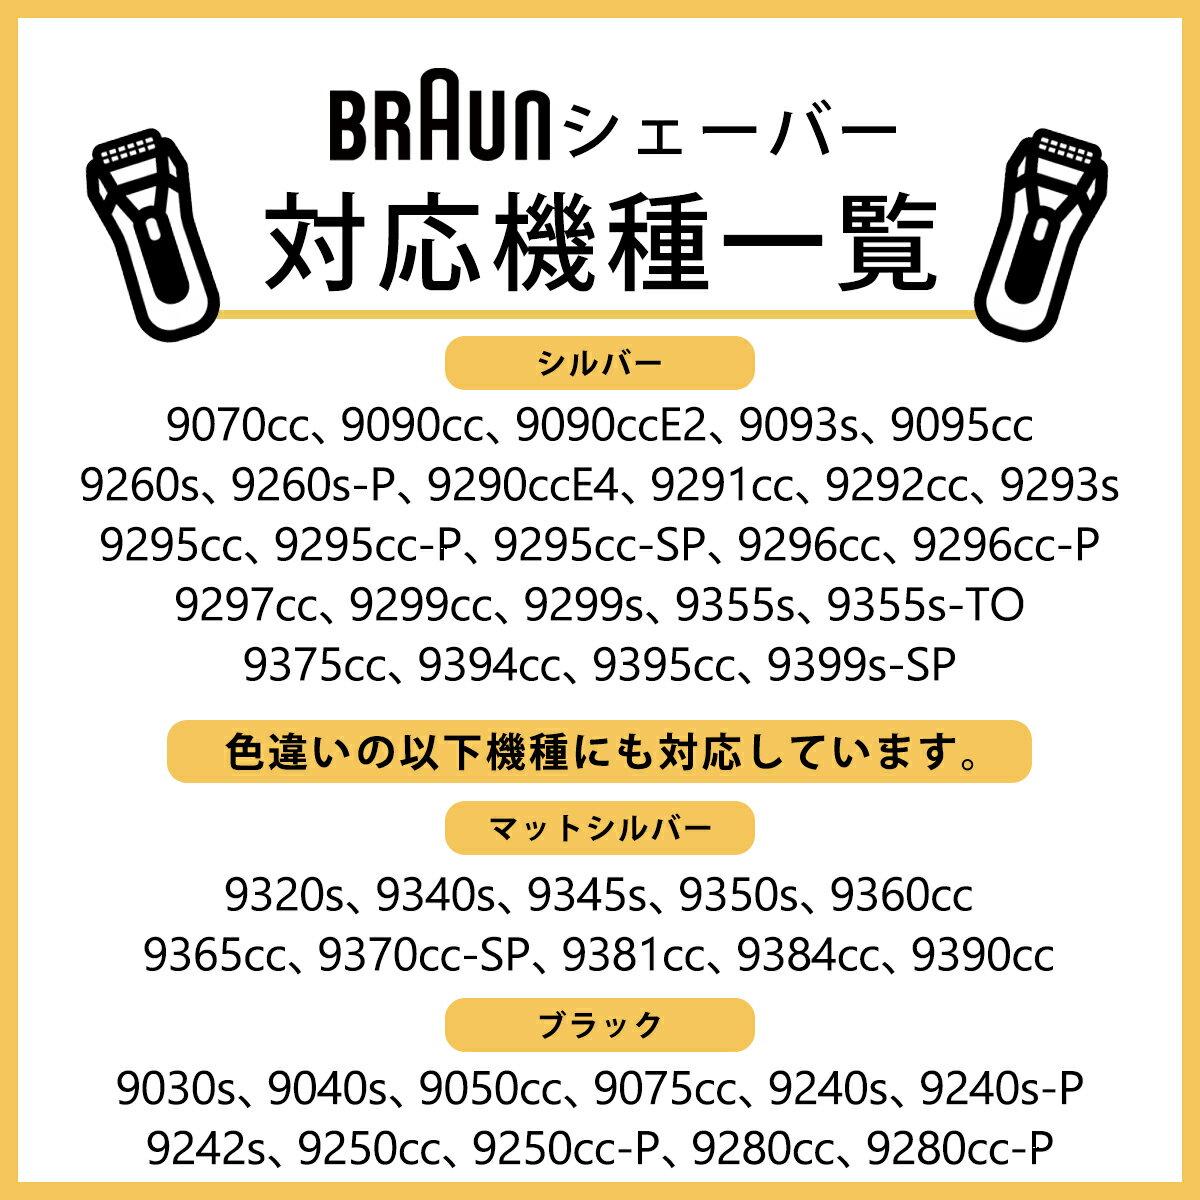 ブラウン 替刃 シリーズ9 90S (F/C90S F/C92S) 網刃 内刃 一体型 カセット シルバー シェーバー 髭剃り 替え刃 交換 純正品 海外正規品